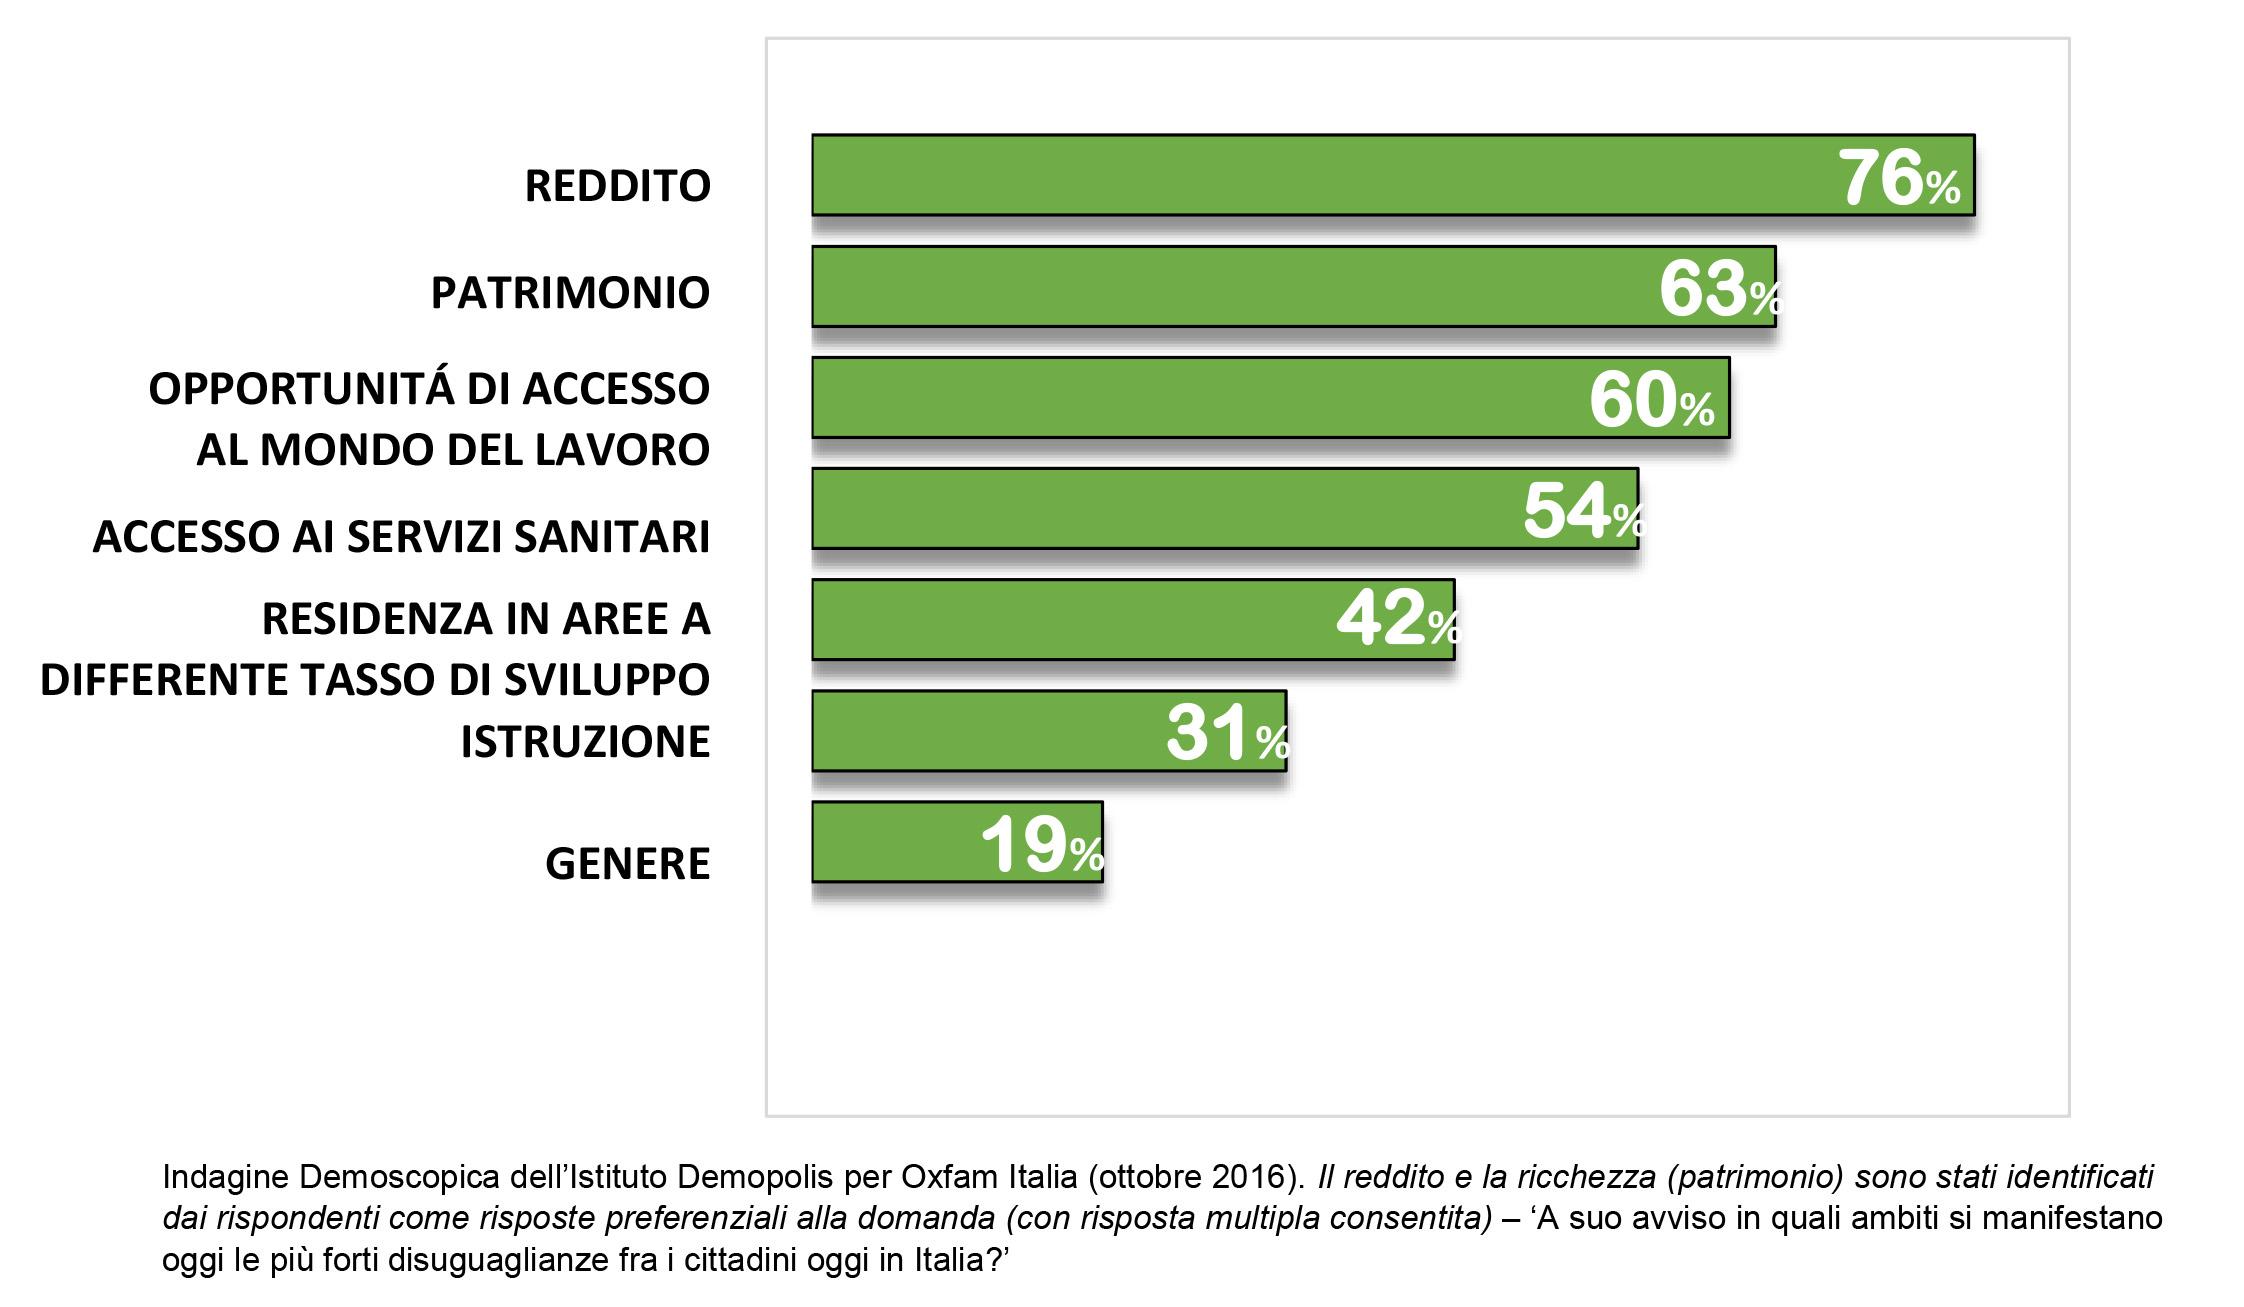 Indagine Demoscopica dell'Istituto Demopolis per Oxfam Italia 2016